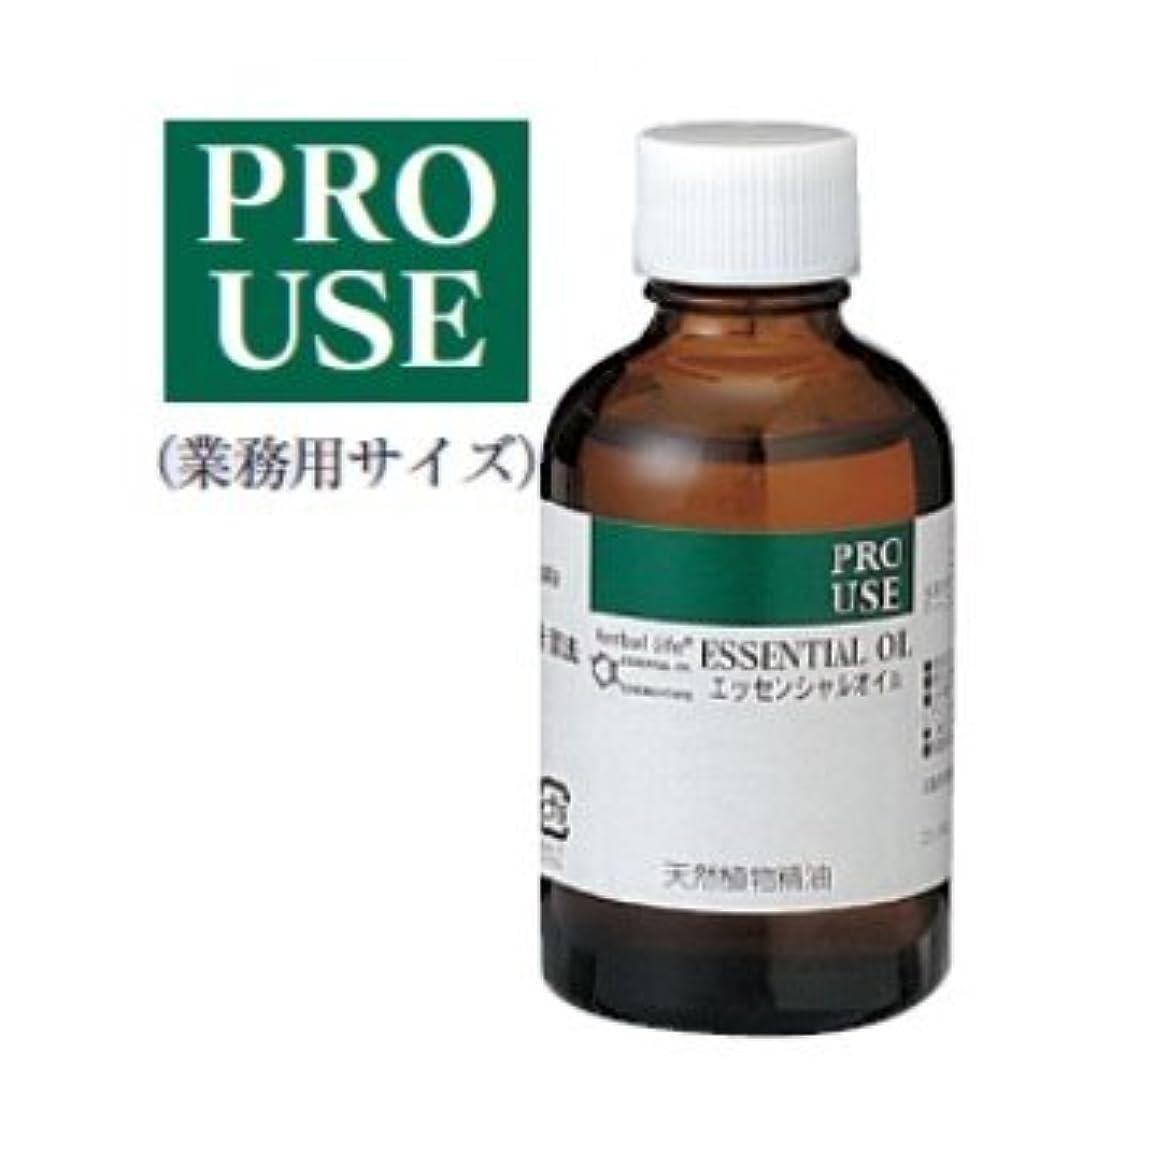 胆嚢ドーム永遠に生活の木 エッセンシャルオイル プチグレイン?レモン(50ml)